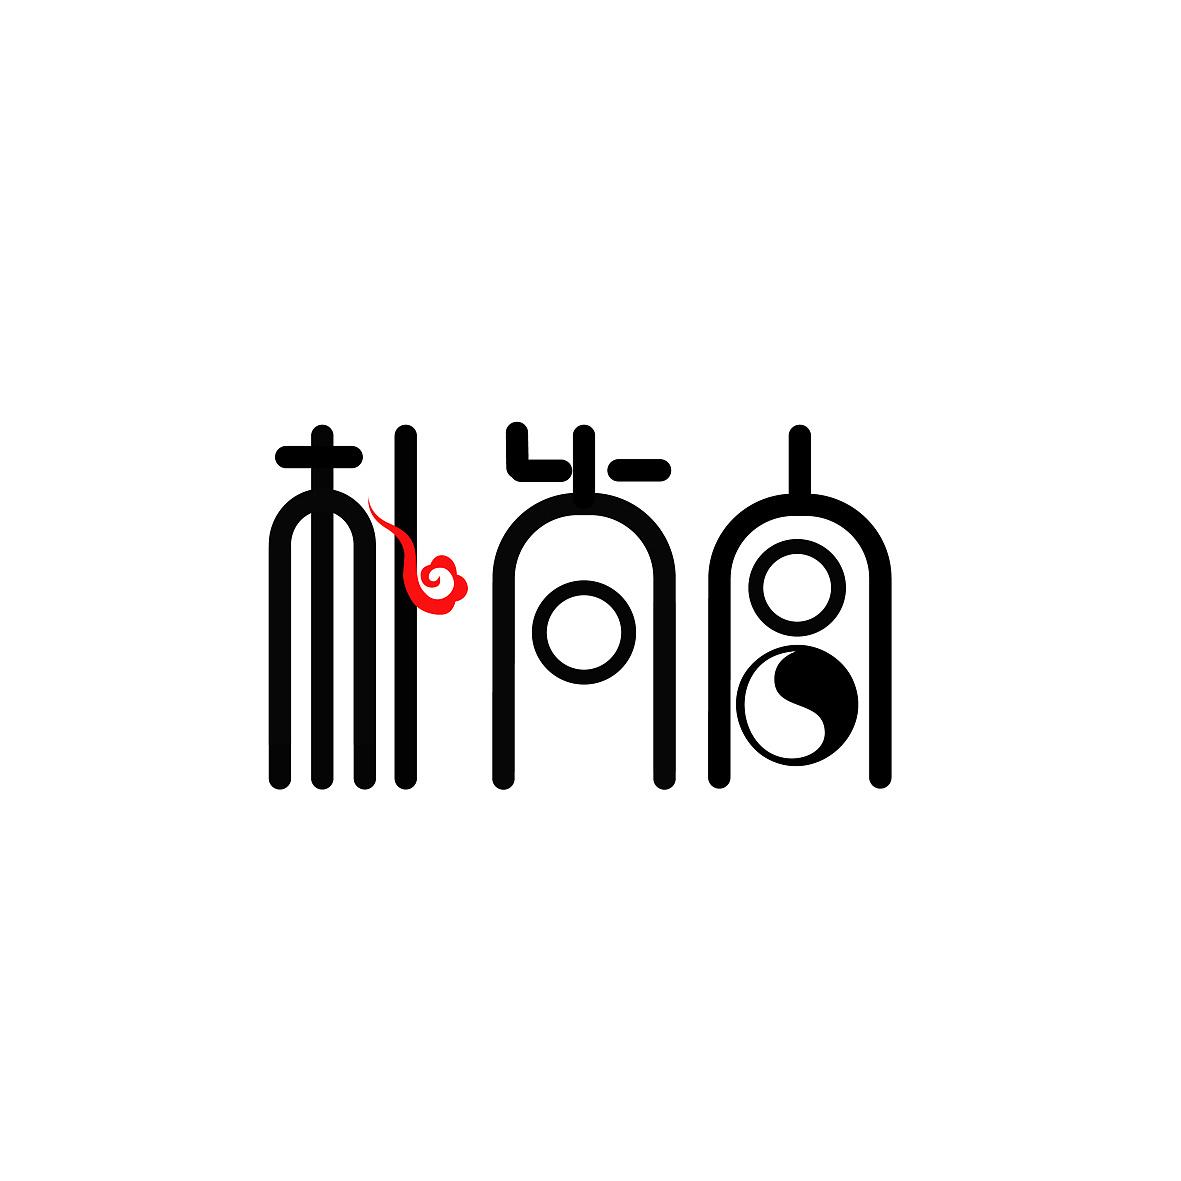 作品为朴尚宫的标志设计,设计风格为古典风格,利用八卦的元素进行字体图片